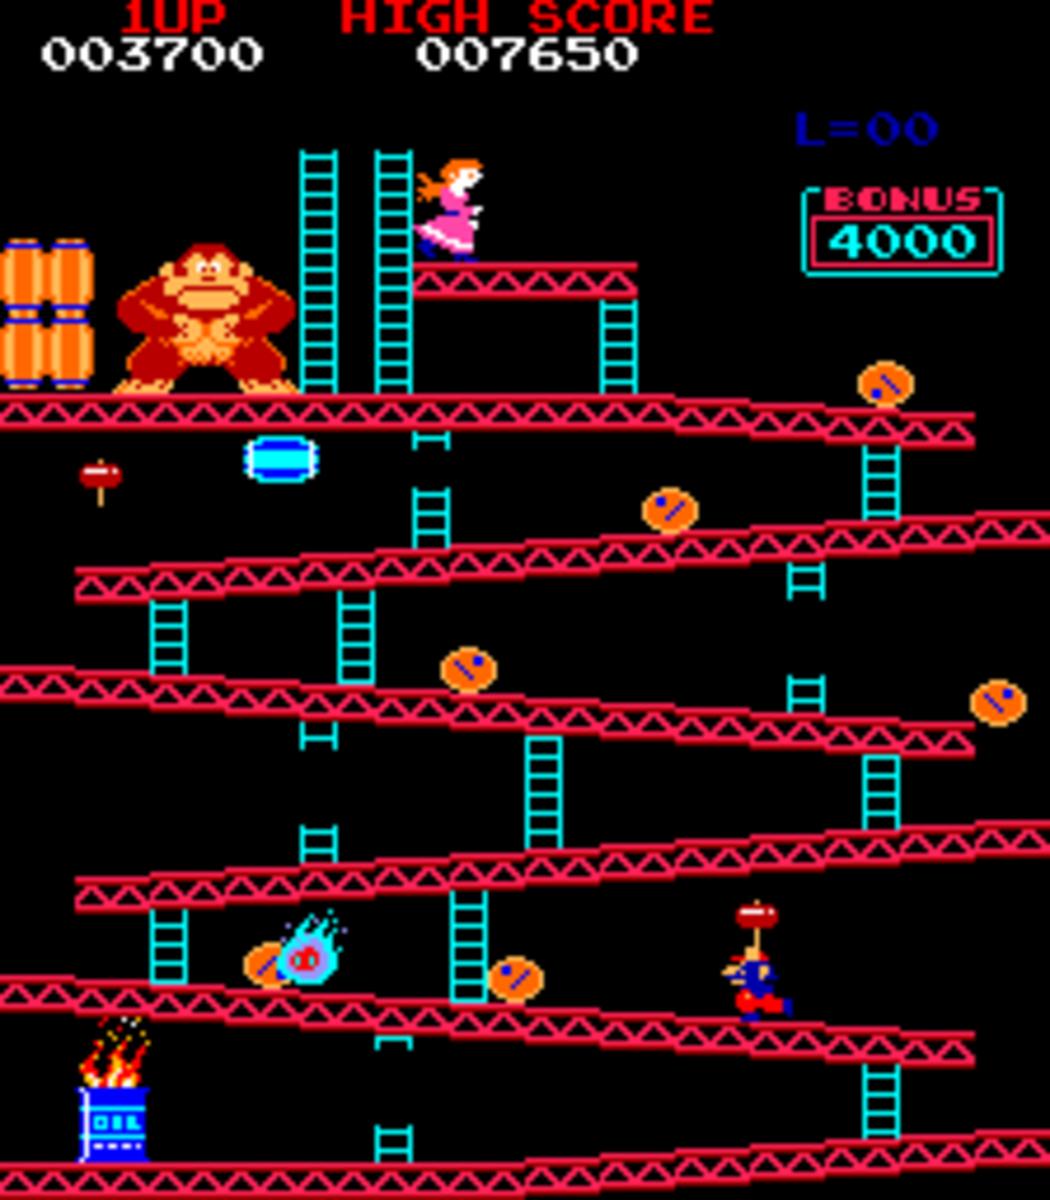 Donkey Kong: 1981